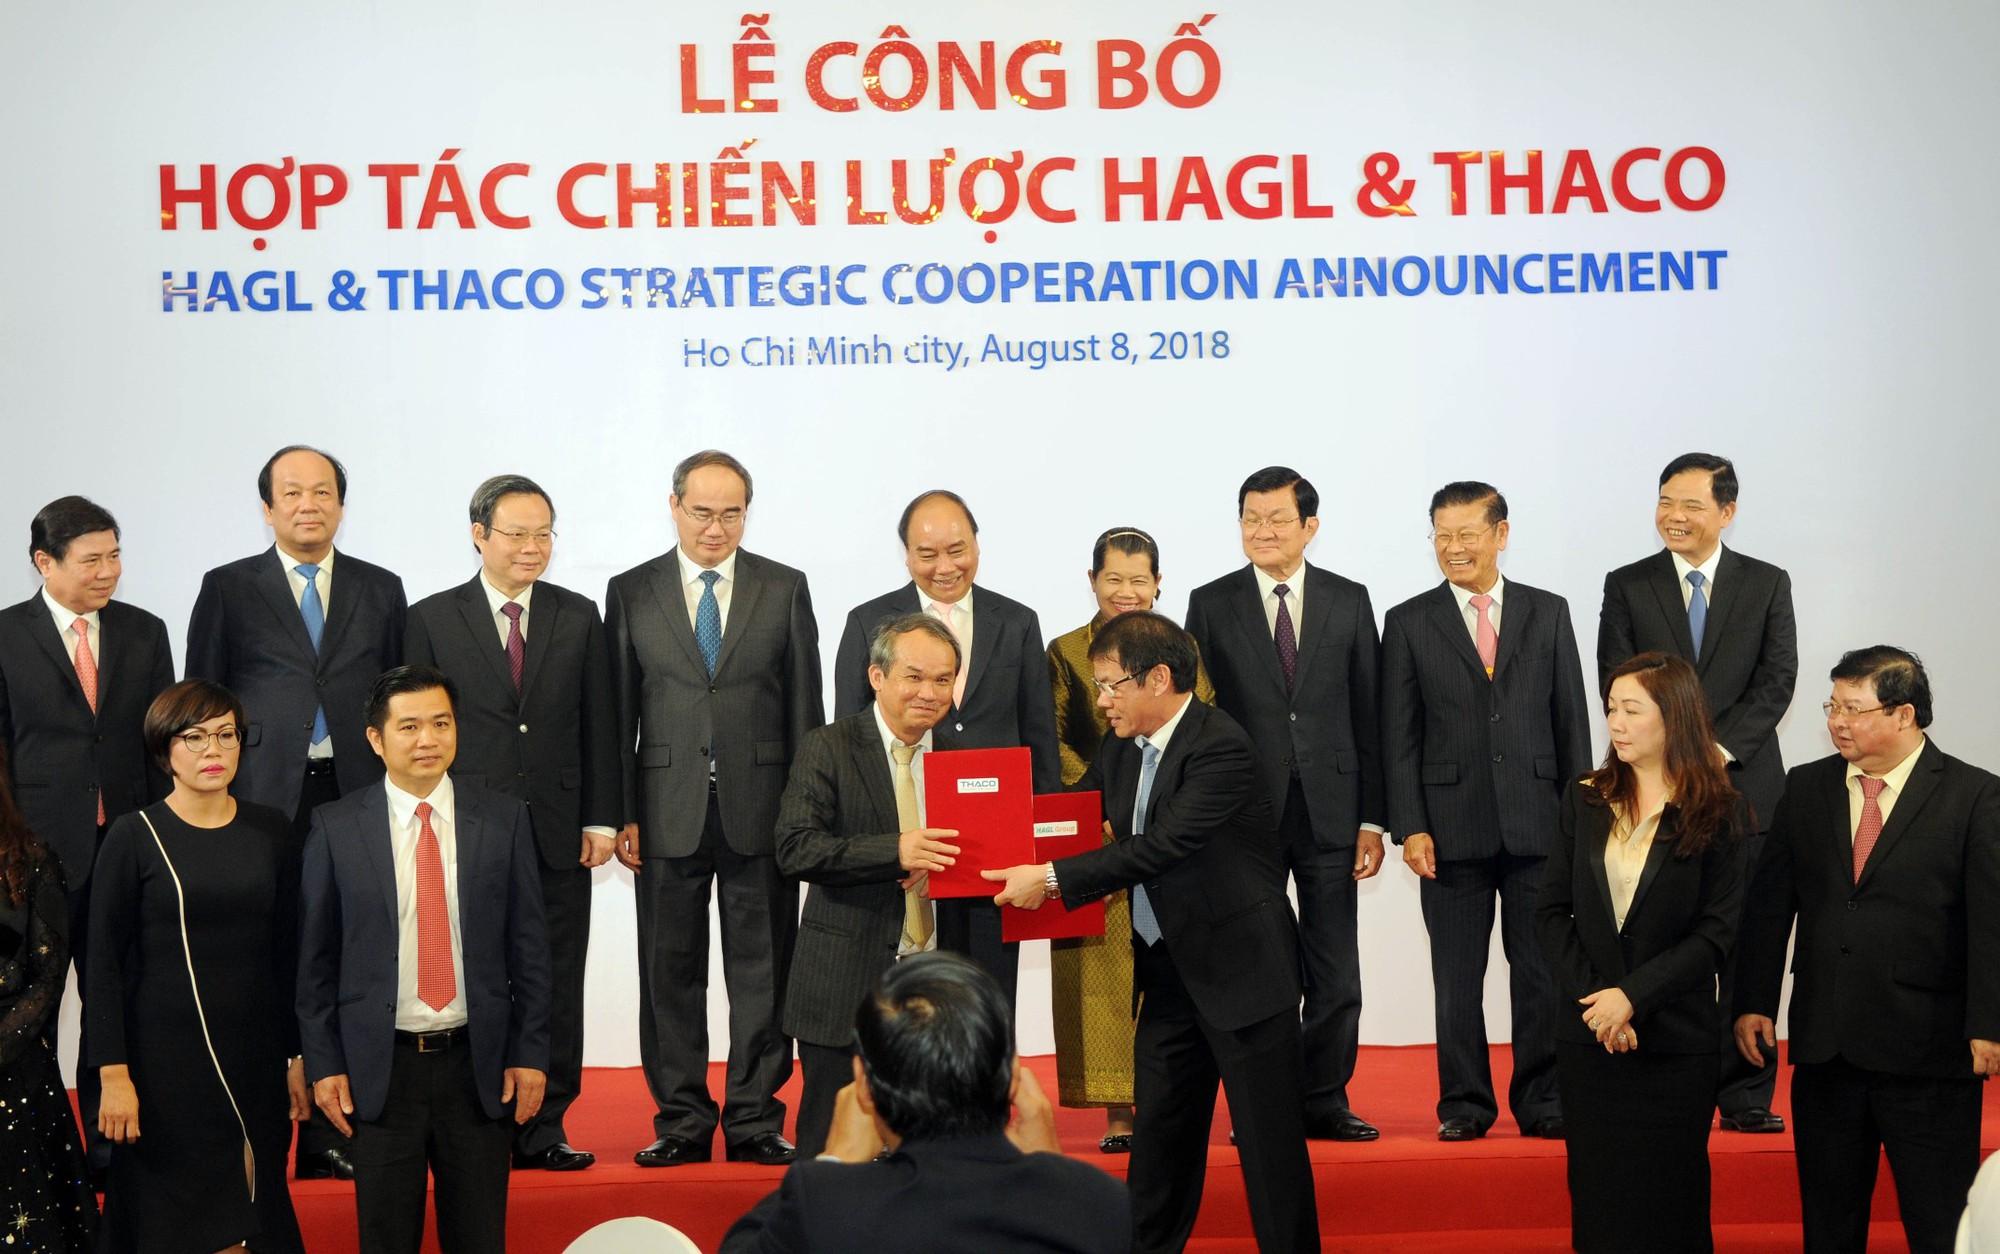 Hợp tác chiến lược Thaco - HAGL, những tiết lộ thú vị - Ảnh 1.